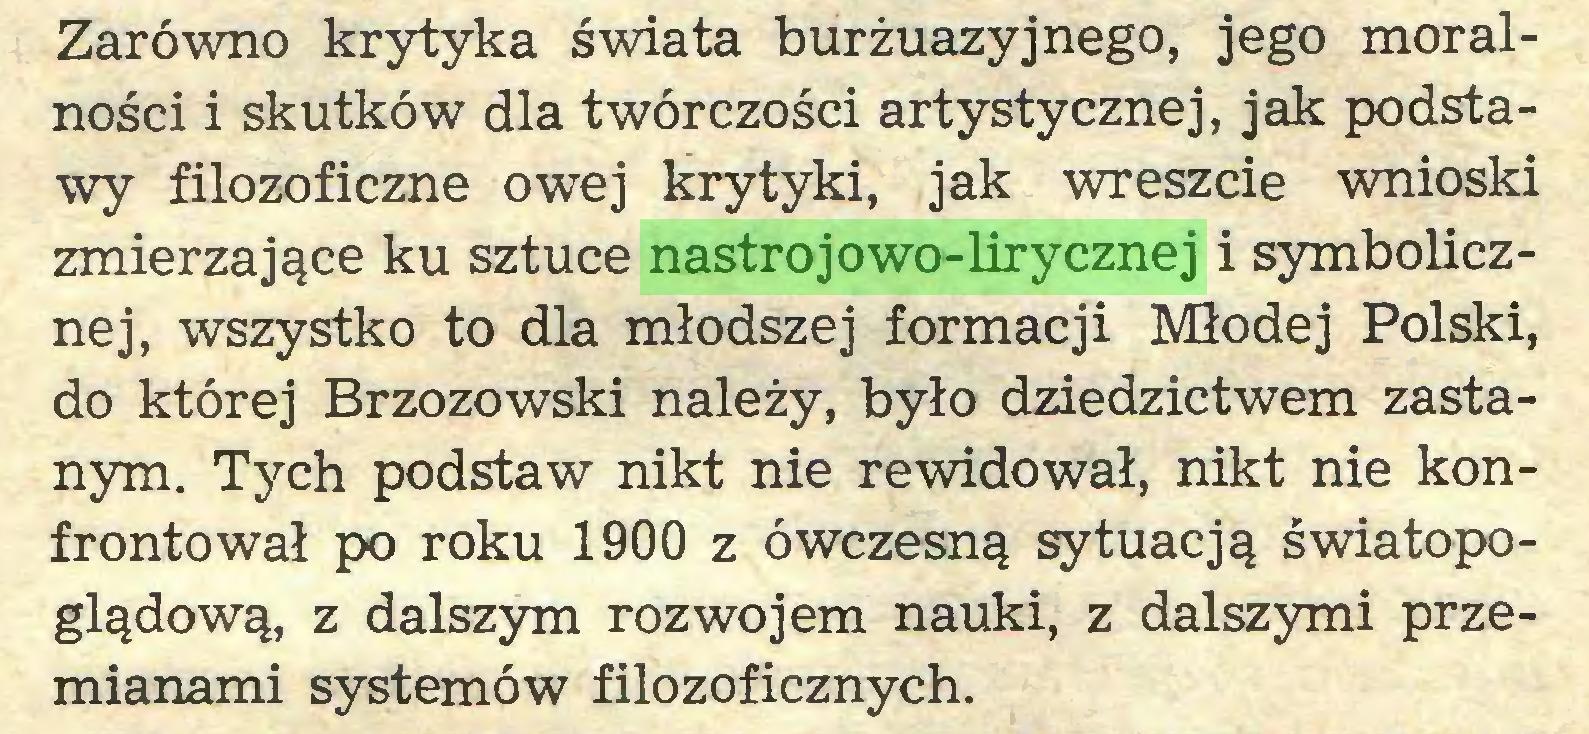 (...) Zarówno krytyka świata burżuazyjnego, jego moralności i skutków dla twórczości artystycznej, jak podstawy filozoficzne owej krytyki, jak wreszcie wnioski zmierzające ku sztuce nastrojowo-lirycznej i symbolicznej, wszystko to dla młodszej formacji Młodej Polski, do której Brzozowski należy, było dziedzictwem zastanym. Tych podstaw nikt nie rewidował, nikt nie konfrontował po roku 1900 z ówczesną sytuacją światopoglądową, z dalszym rozwojem nauki, z dalszymi przemianami systemów filozoficznych...